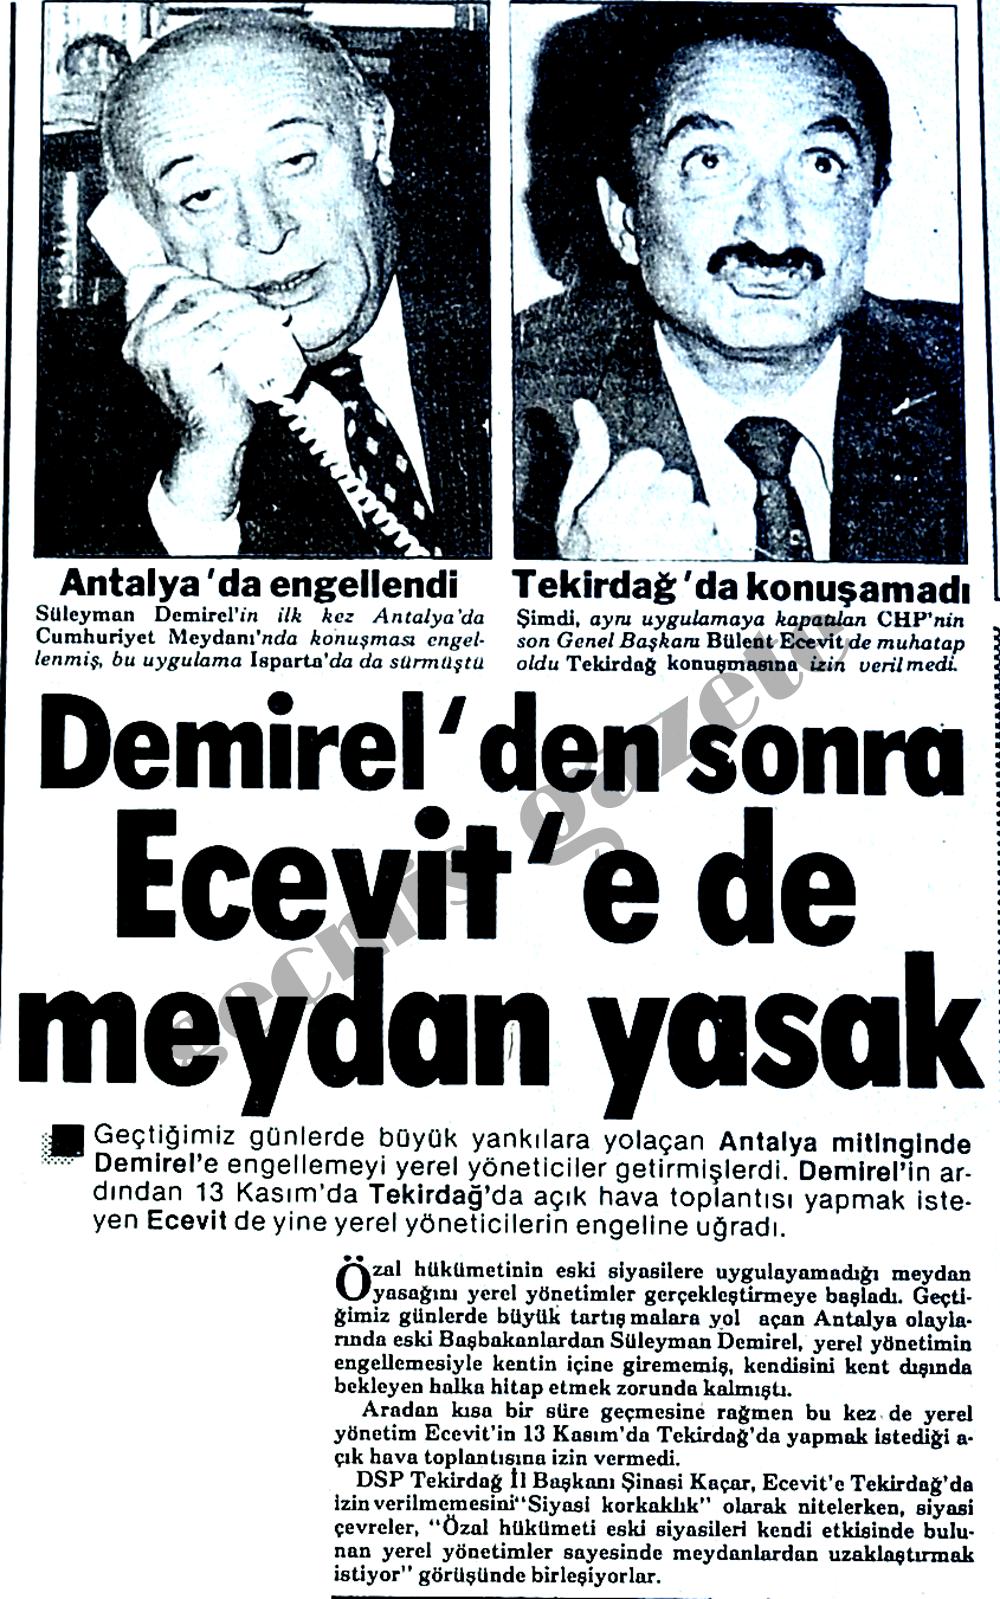 Demirel'den sonra Ecevit'e de meydan yasak